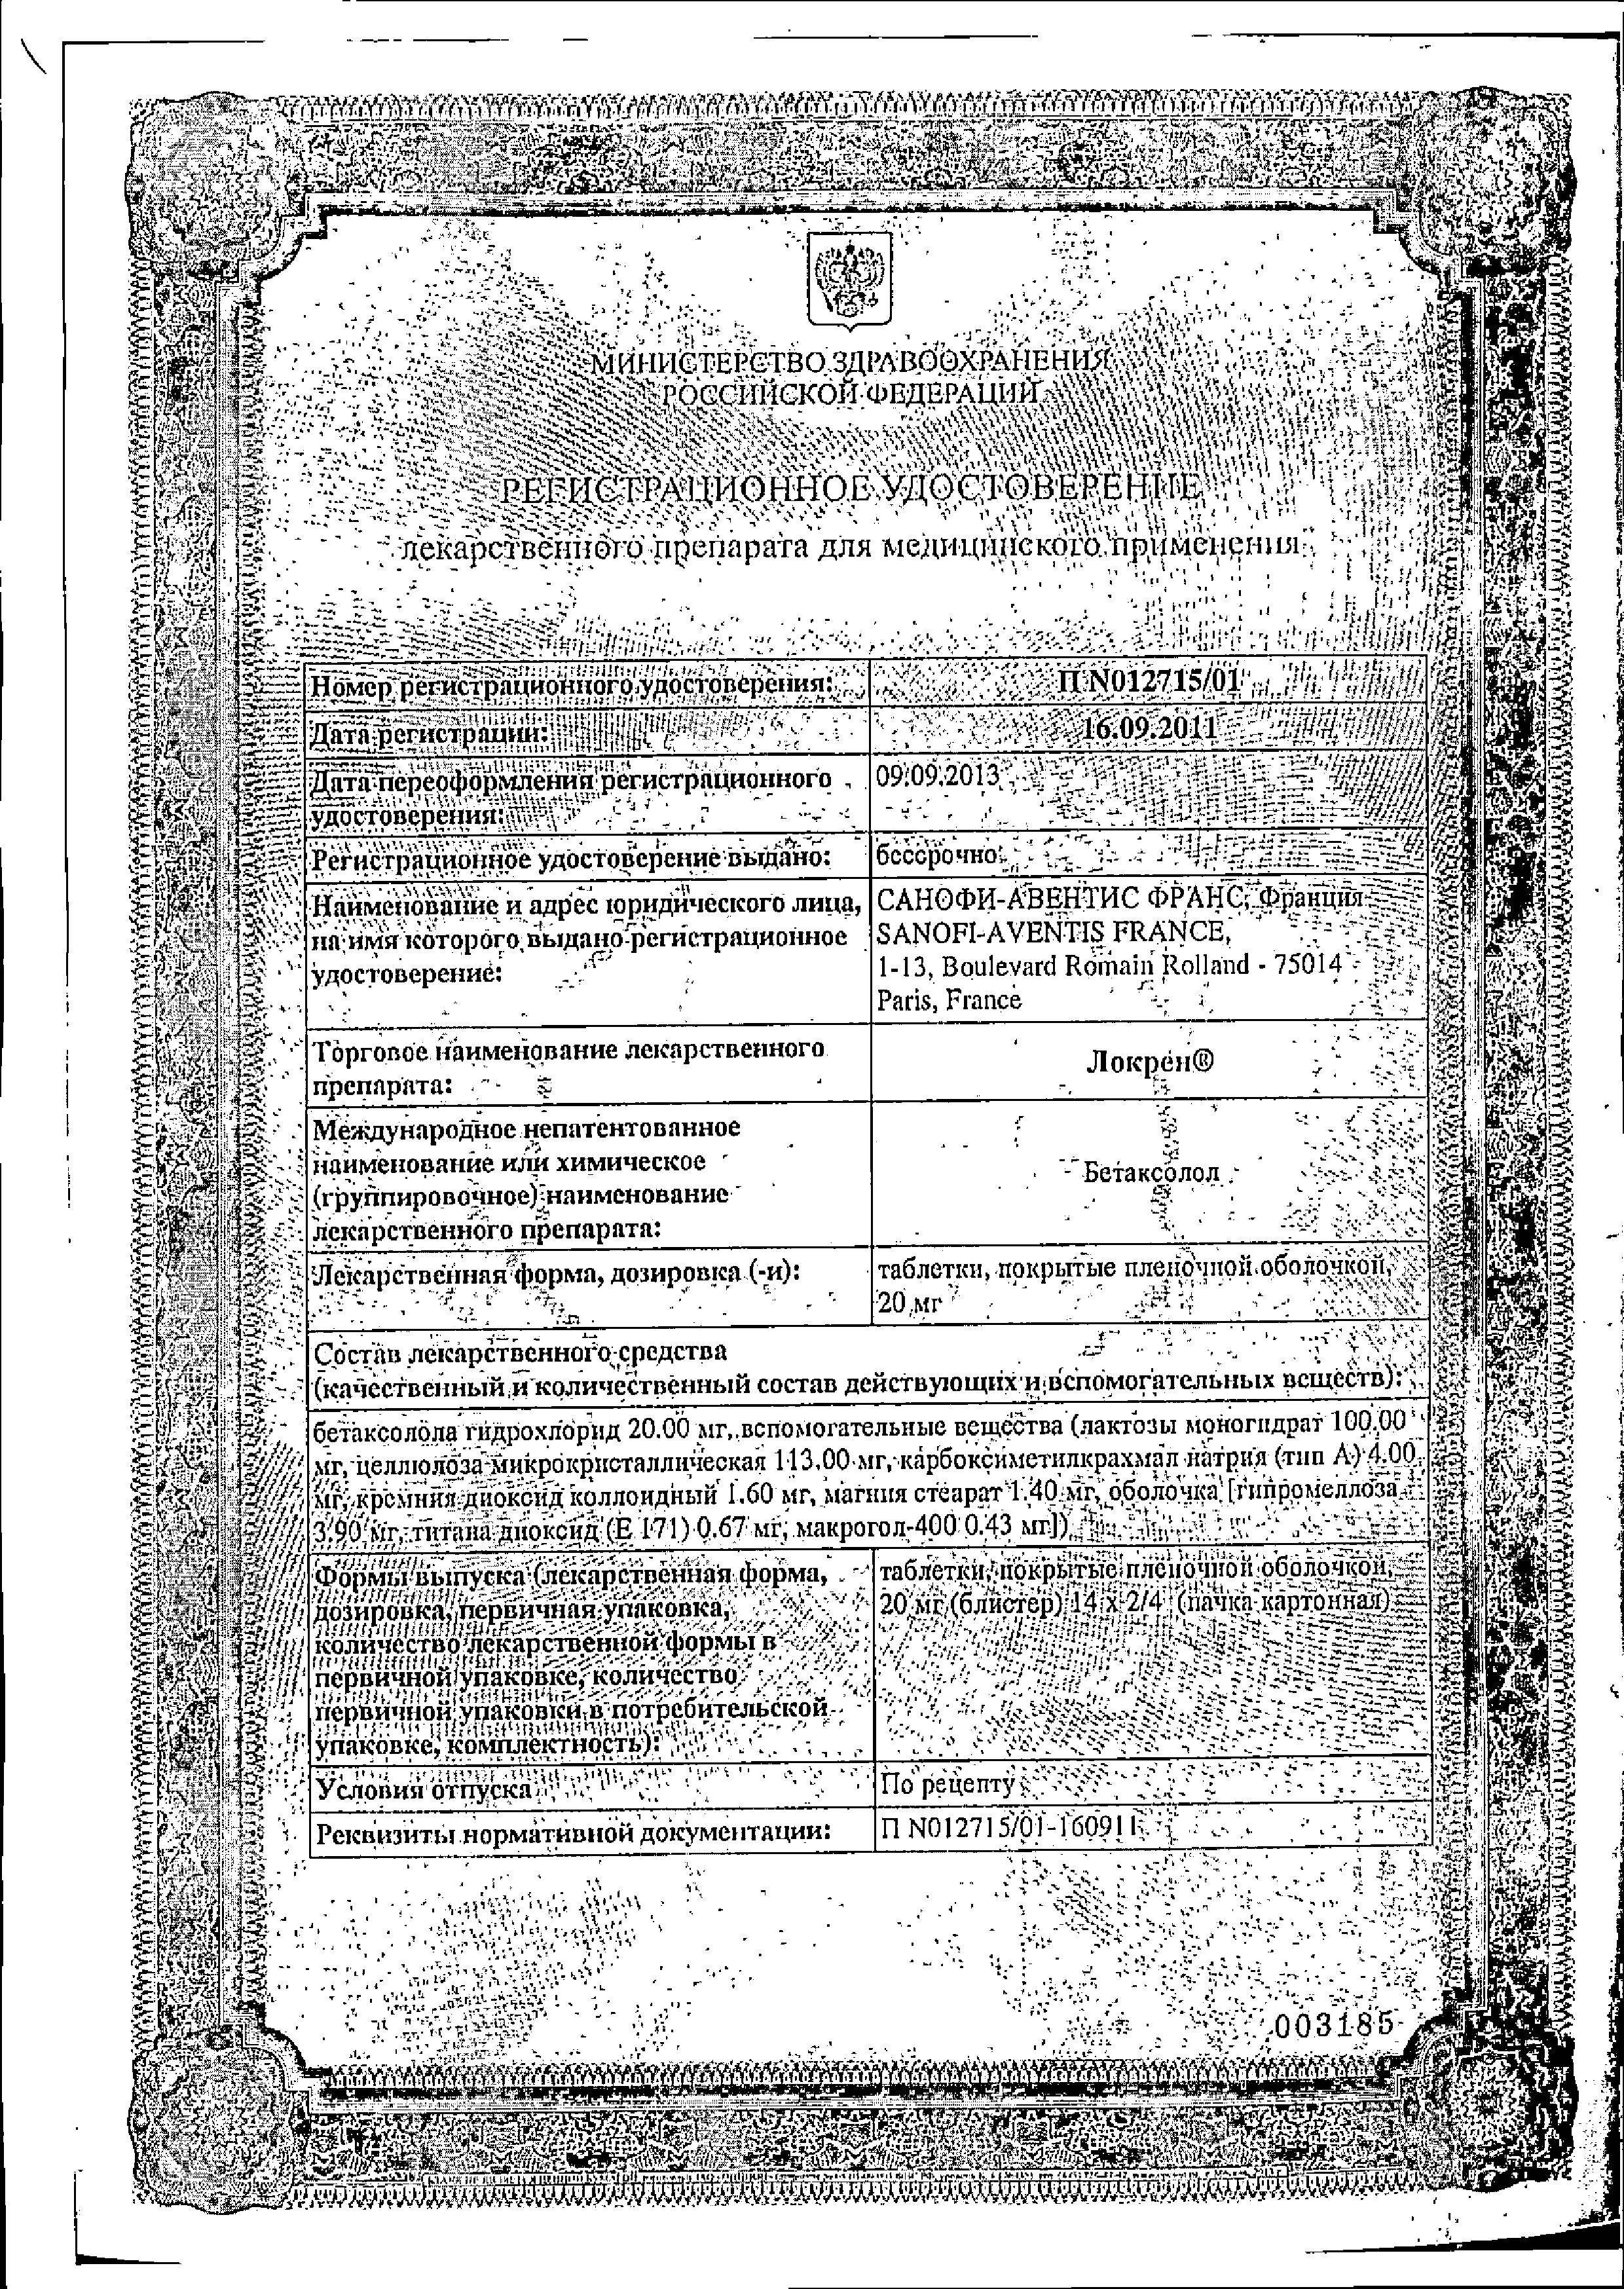 Локрен сертификат